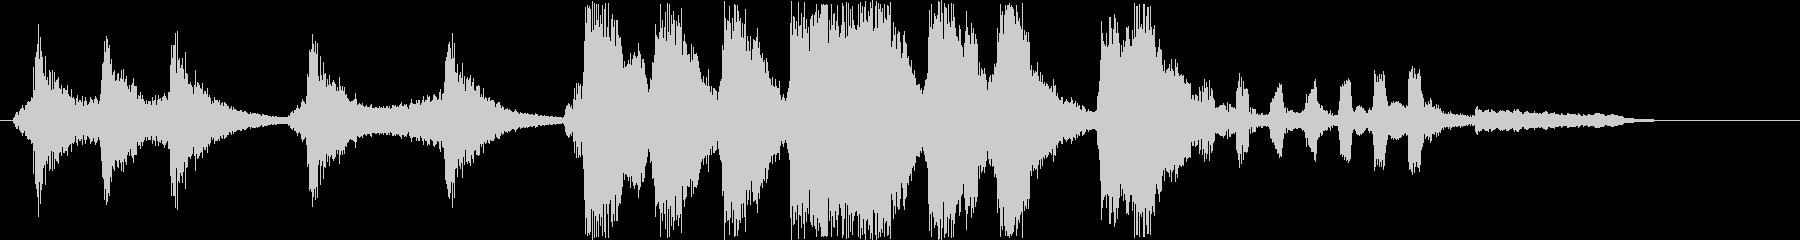 コミカルなシンセサウンド短めの未再生の波形